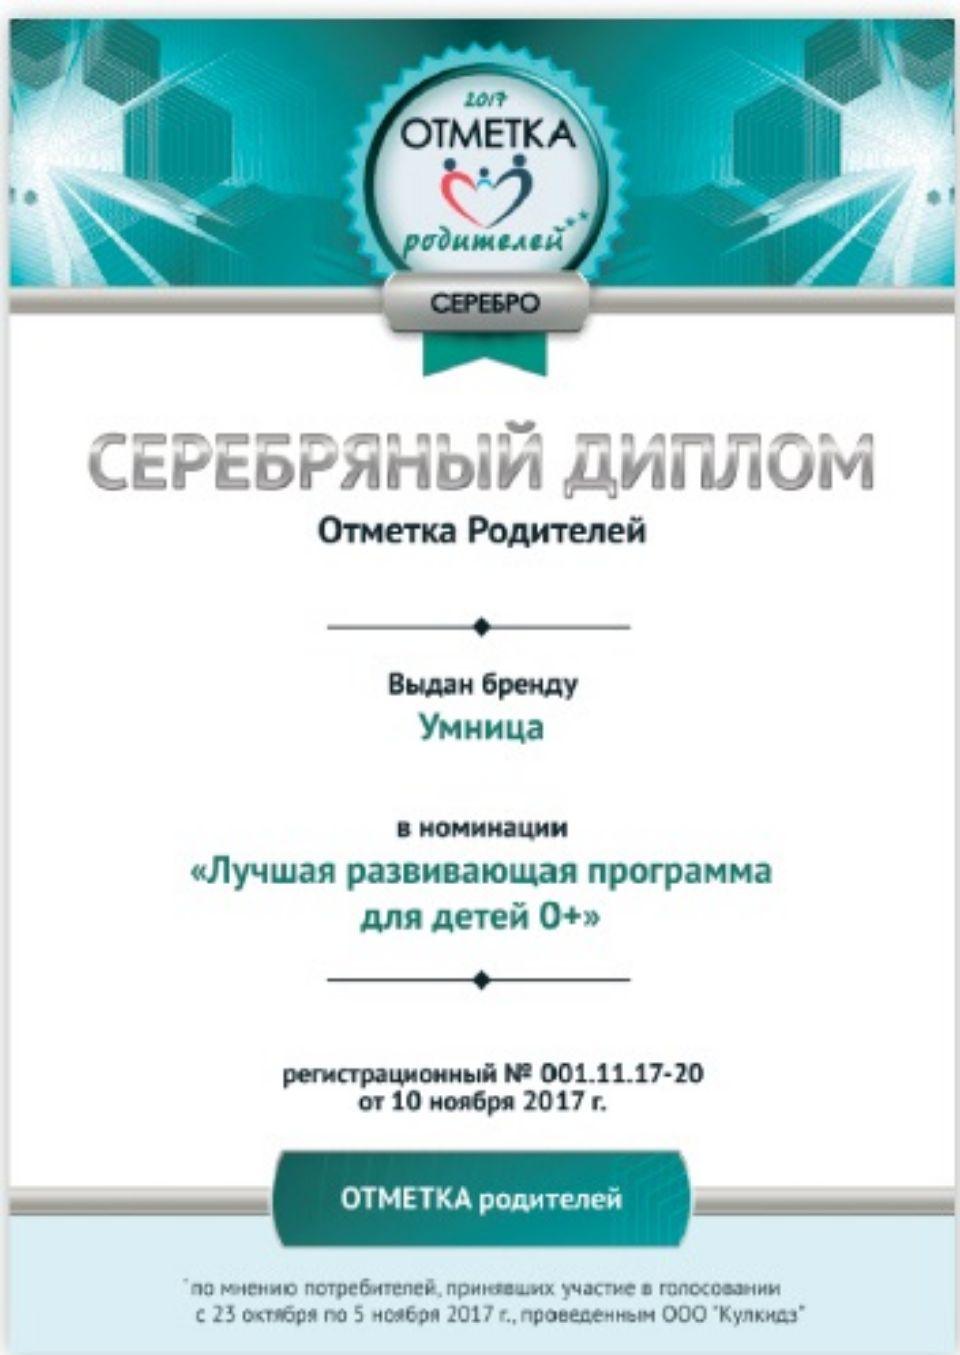 """Серебряный диплом """"Отметка родителей"""""""